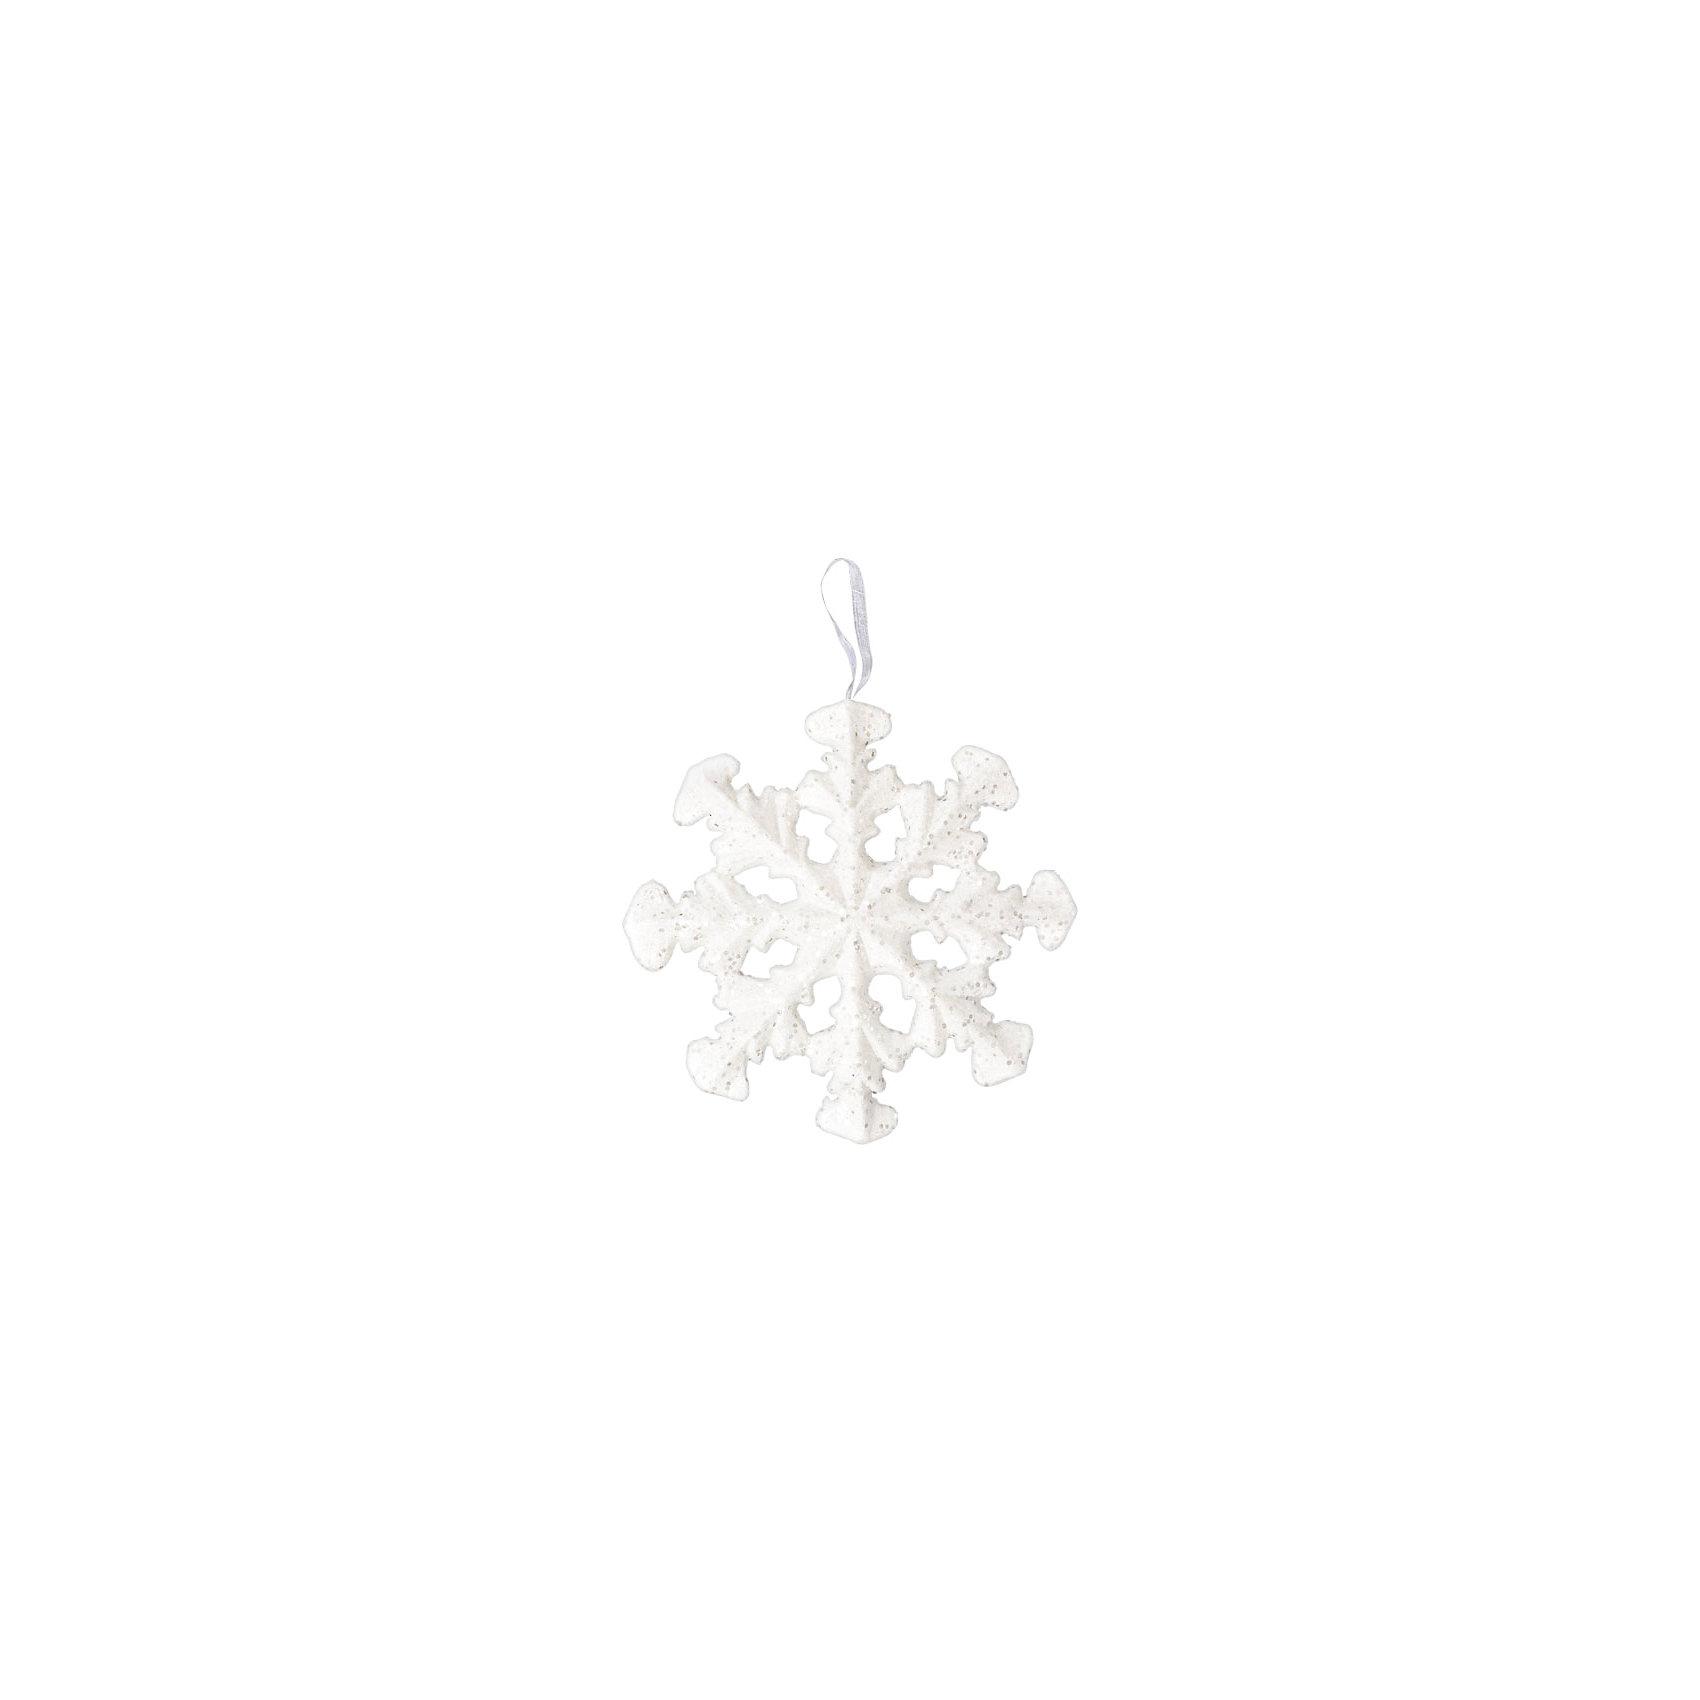 TUKZAR Подвесное украшение Снежинка шунгит украшение в питере купить